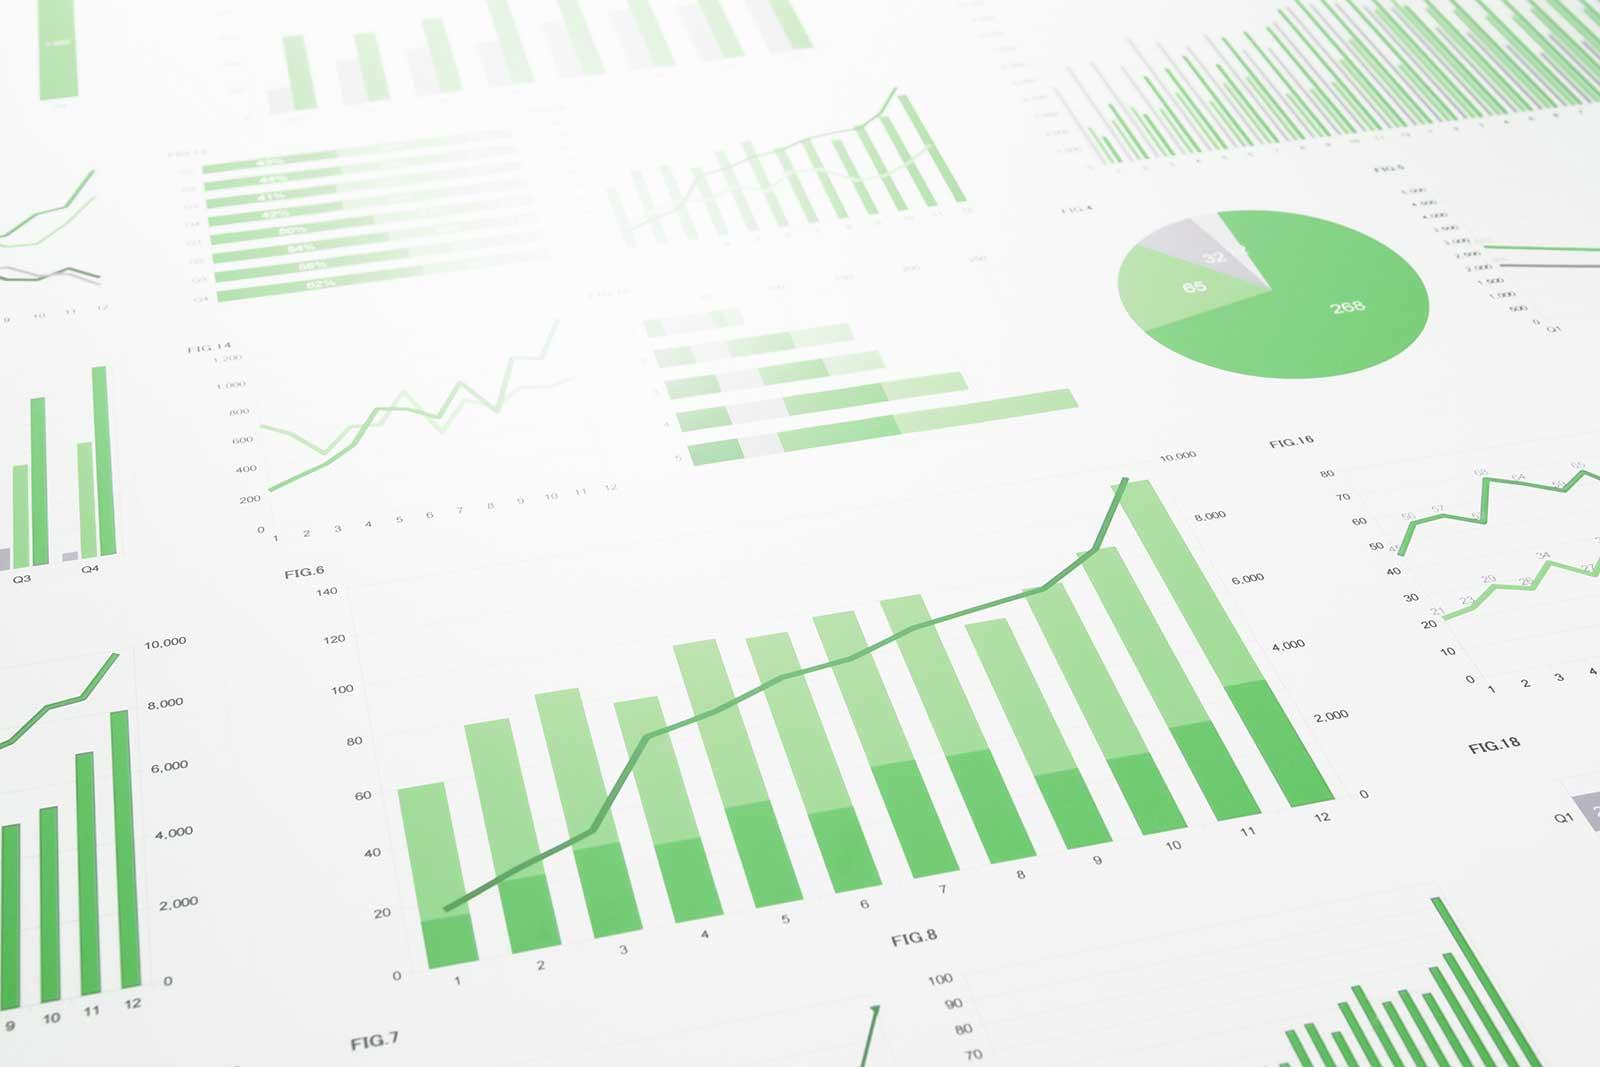 Imagem ilustrativa com diversos gráficos numéricos: colunas, pizza, barras etc.